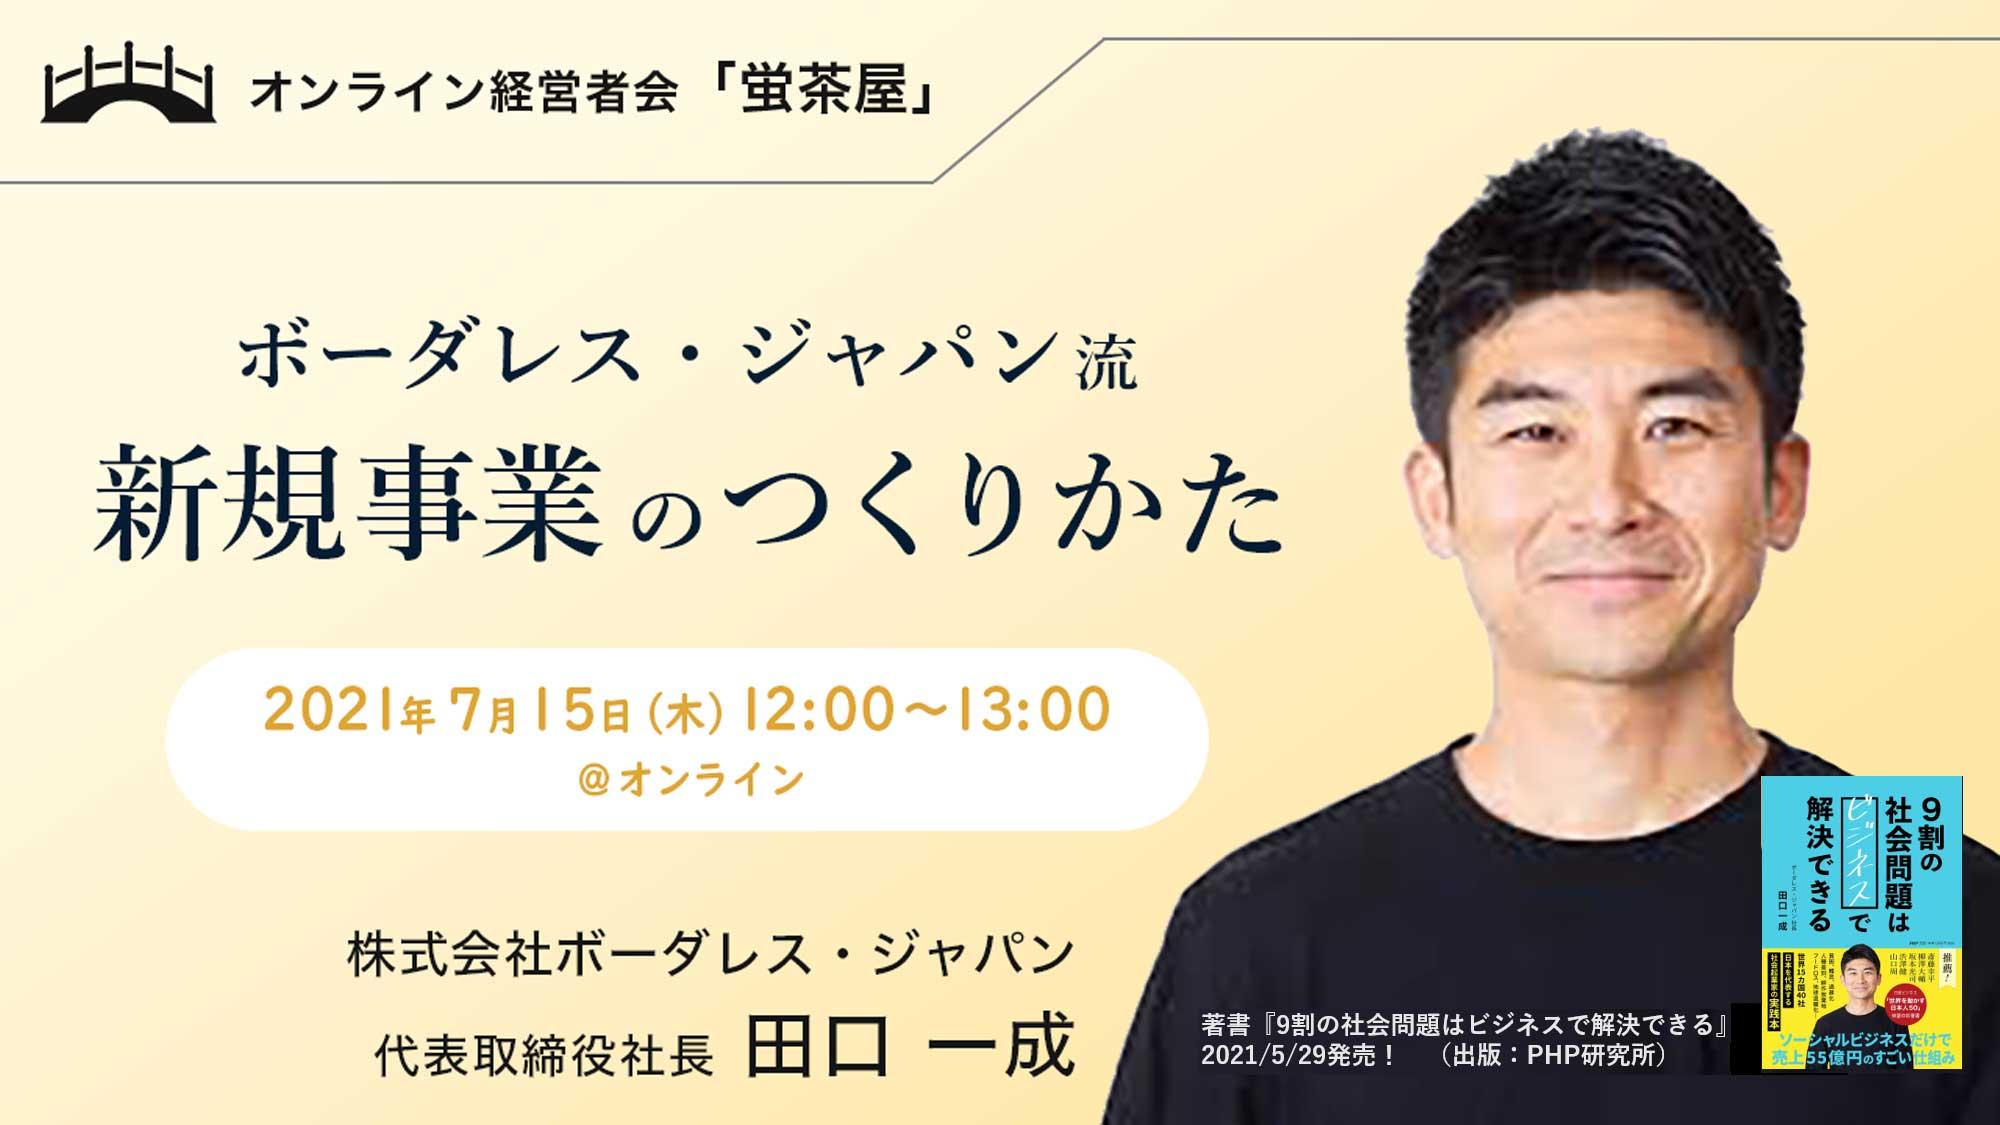 2021年7月15日(木) 蛍茶屋主催「ボーダレス・ジャパン流 新規事業のつくりかた」